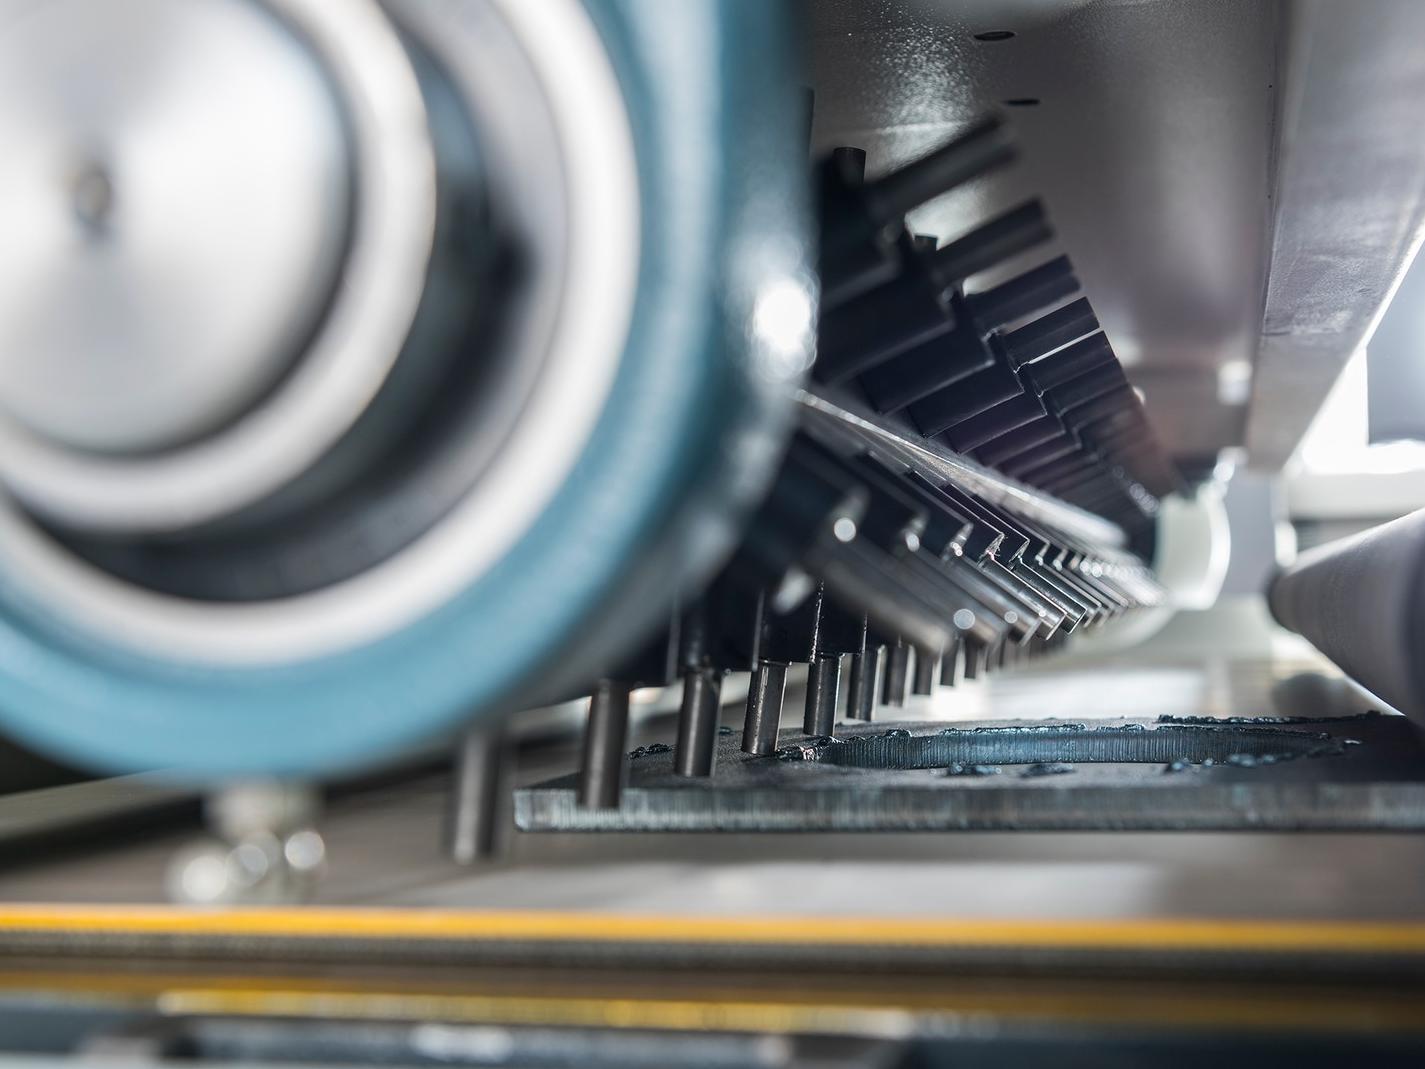 Die 42 Series HWRB Rotationsbürstenmaschine wird mit dem neuen Hammerhead zur Entfernung schwerer Schlacke gezeigt.